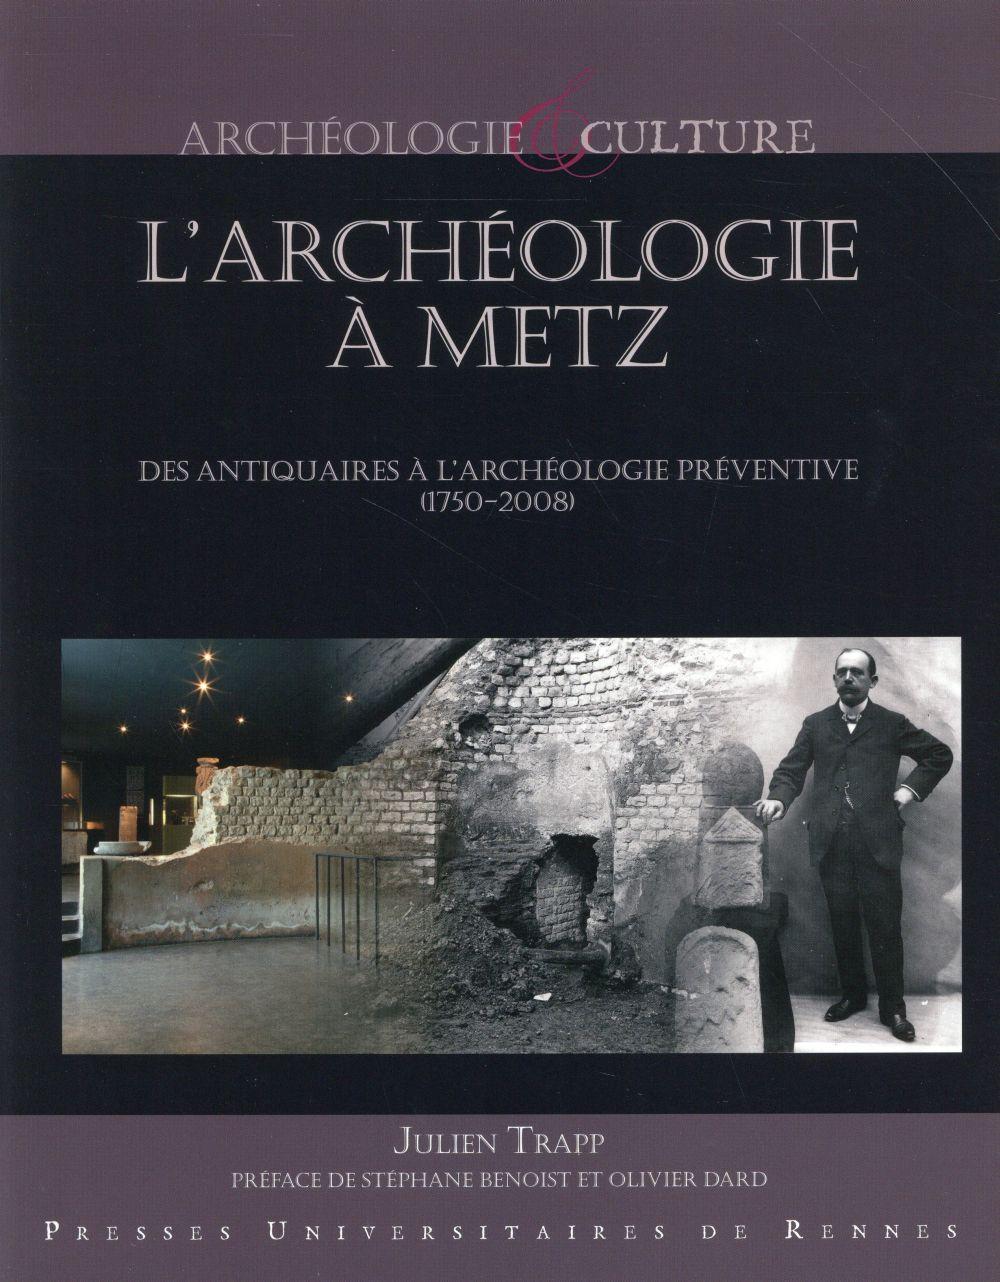 L'archéologie à Metz : des antiquaires à l'archéologie préventive (1750-2008)